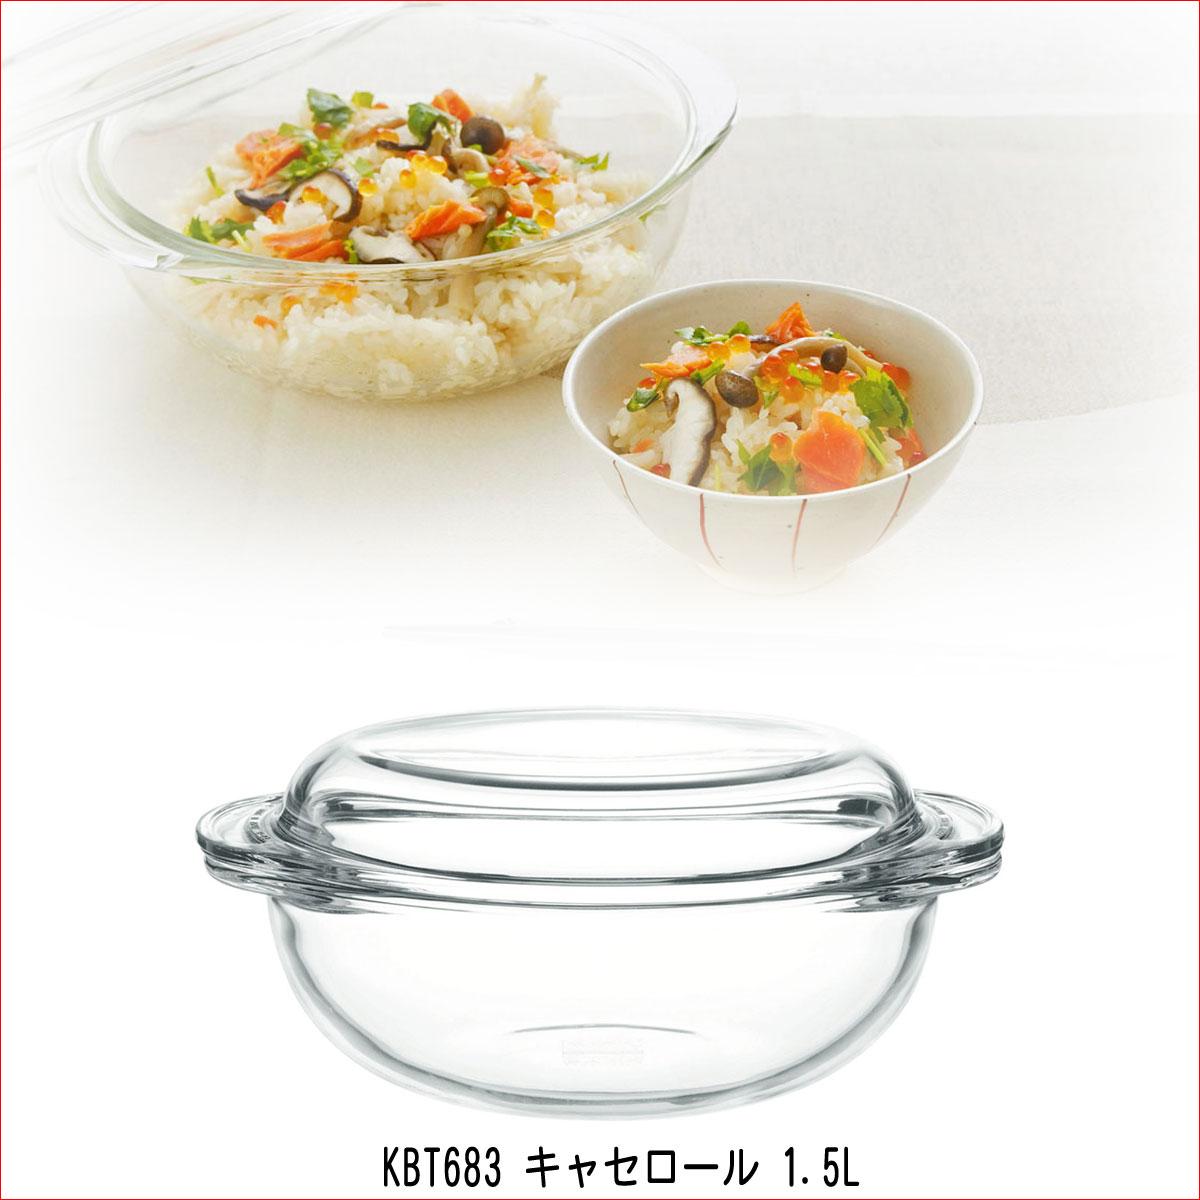 iwaki キャセロール1.5L KBT683